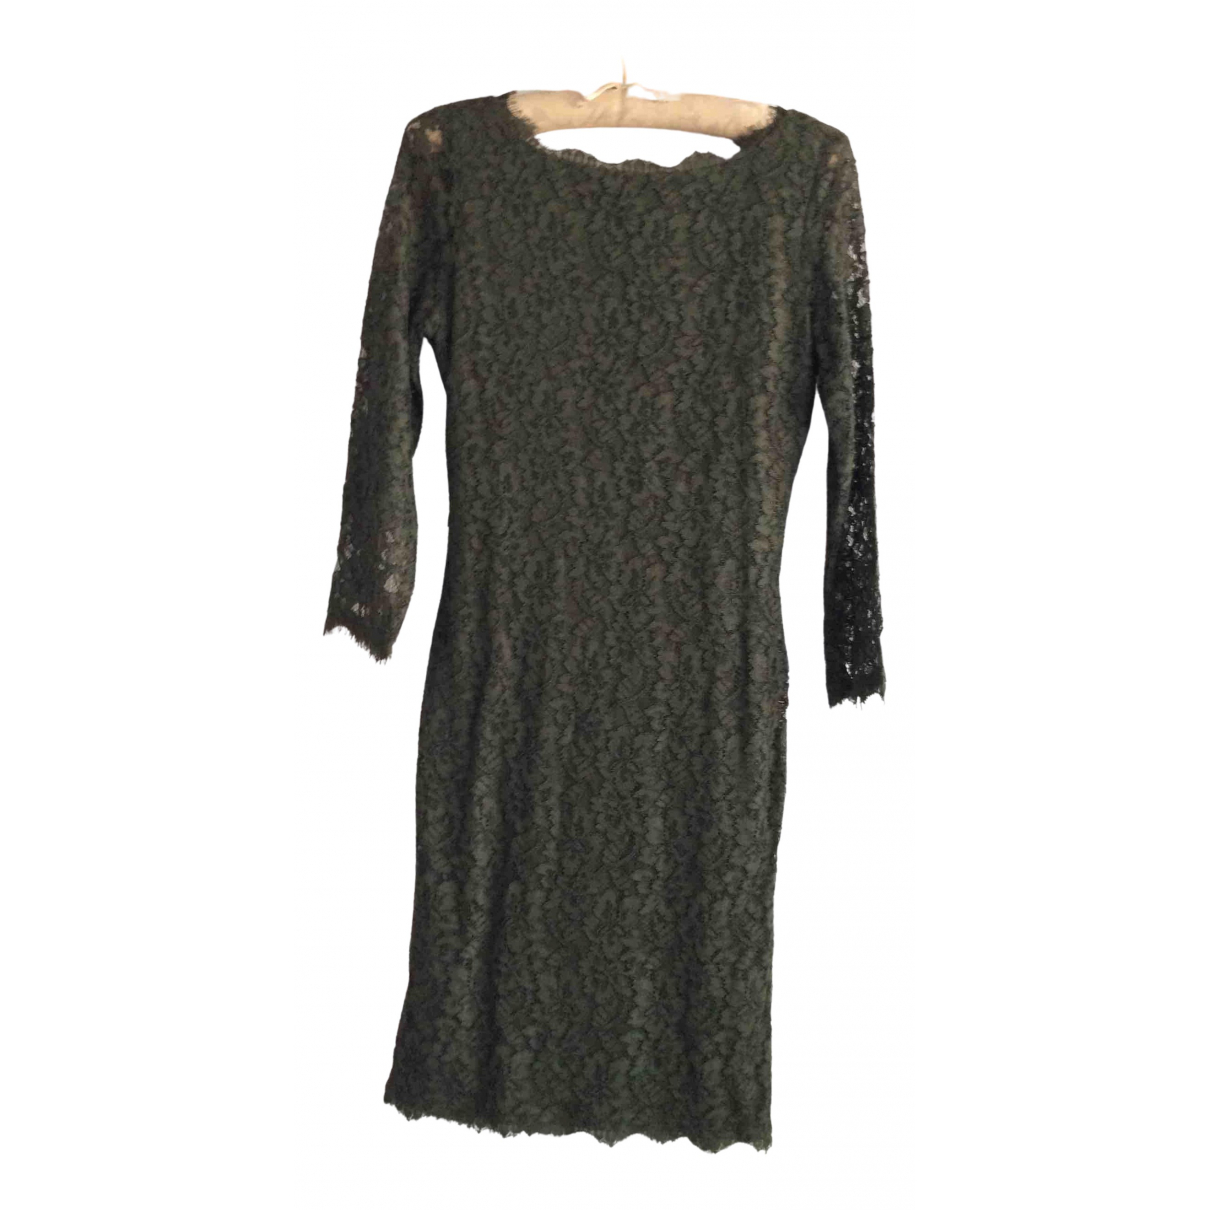 Diane Von Furstenberg \N Khaki Lace dress for Women 2 US